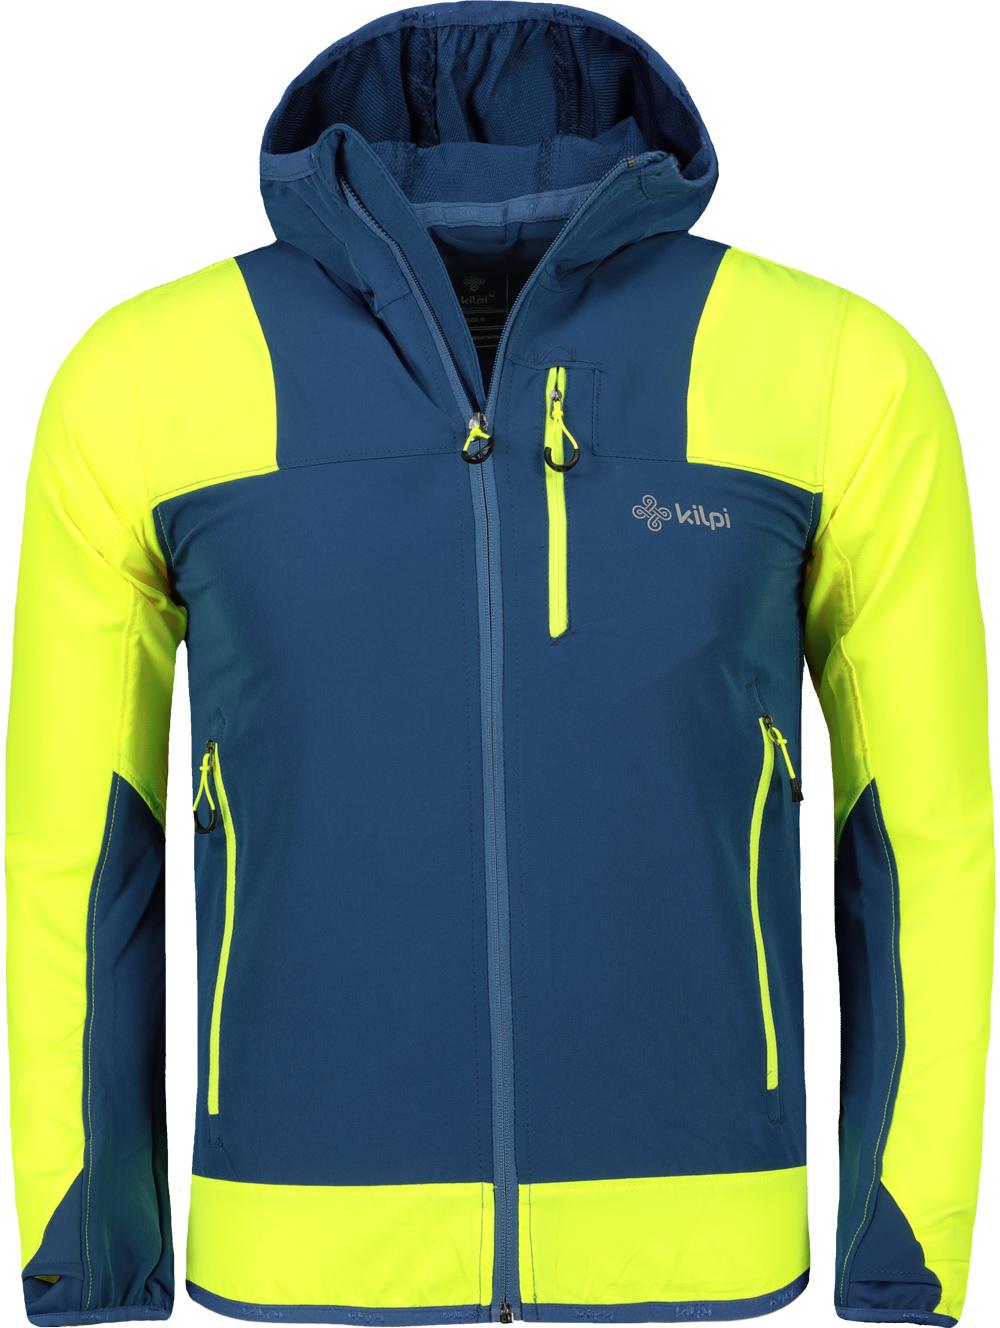 Men's softshell jacket KILPI JOSHUA-M